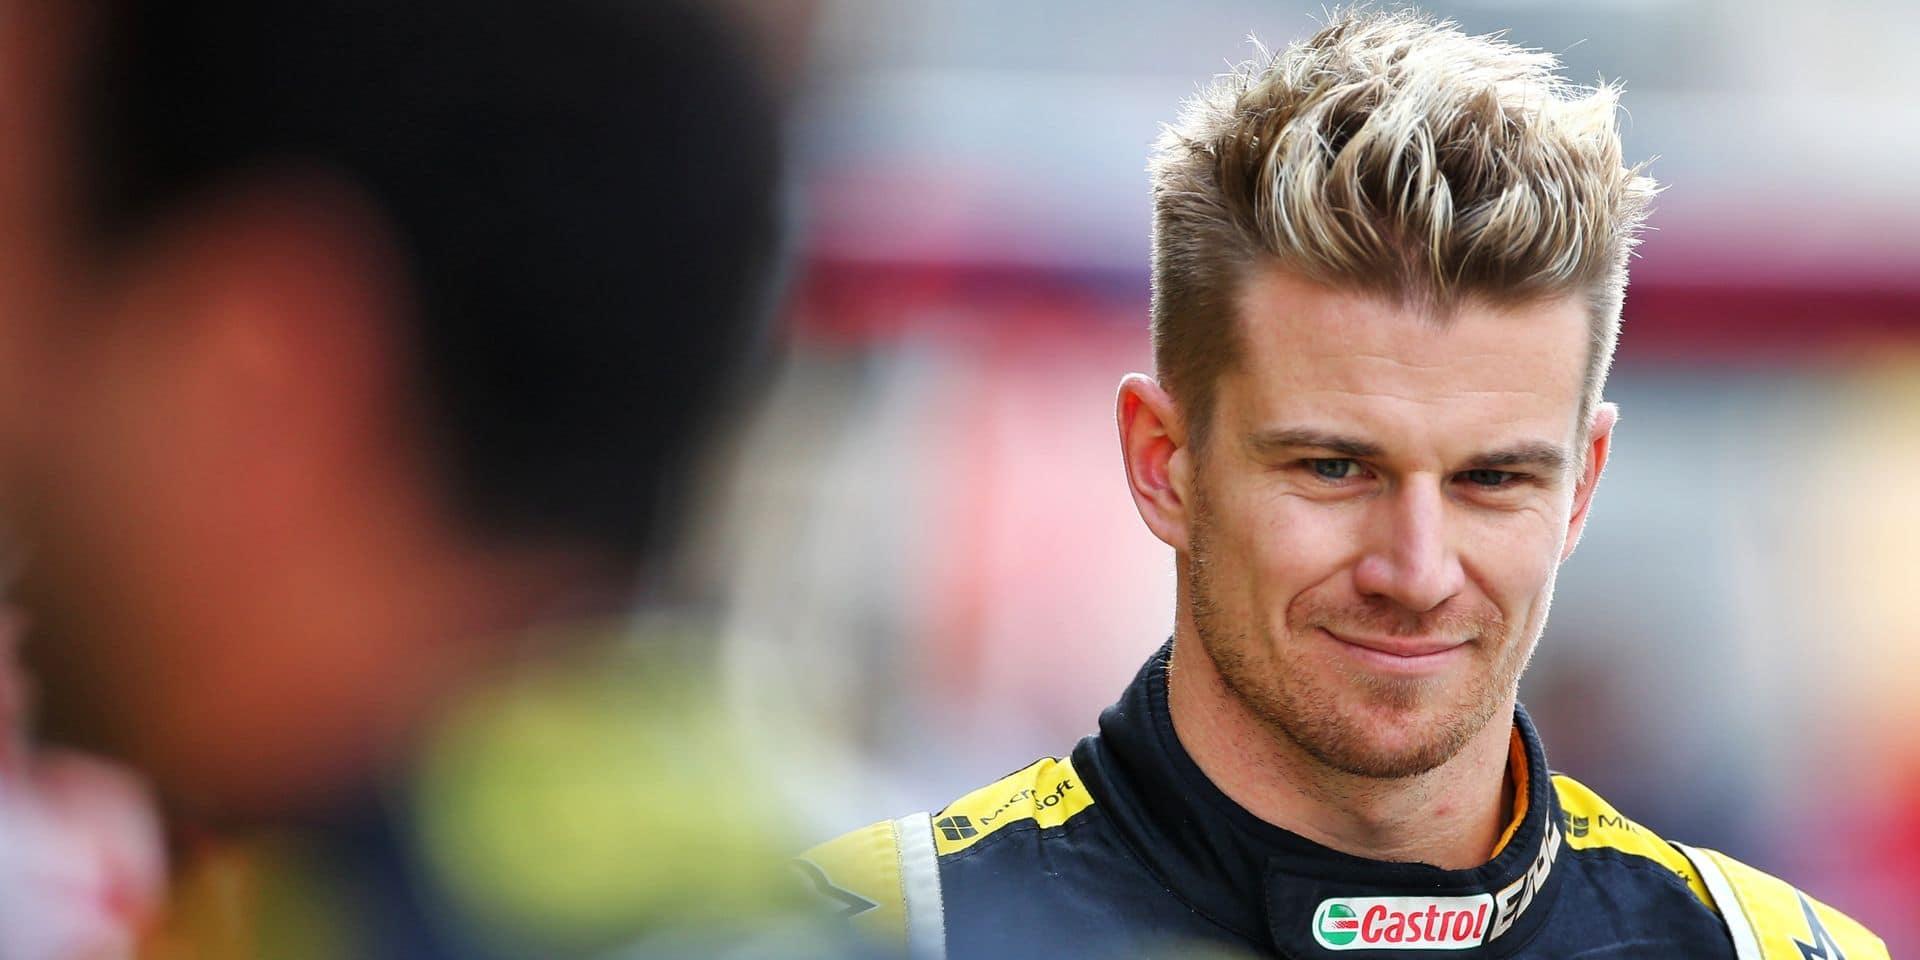 F1 : Racing Point confirme Hülkenberg pour le GP de Grande-Bretagne